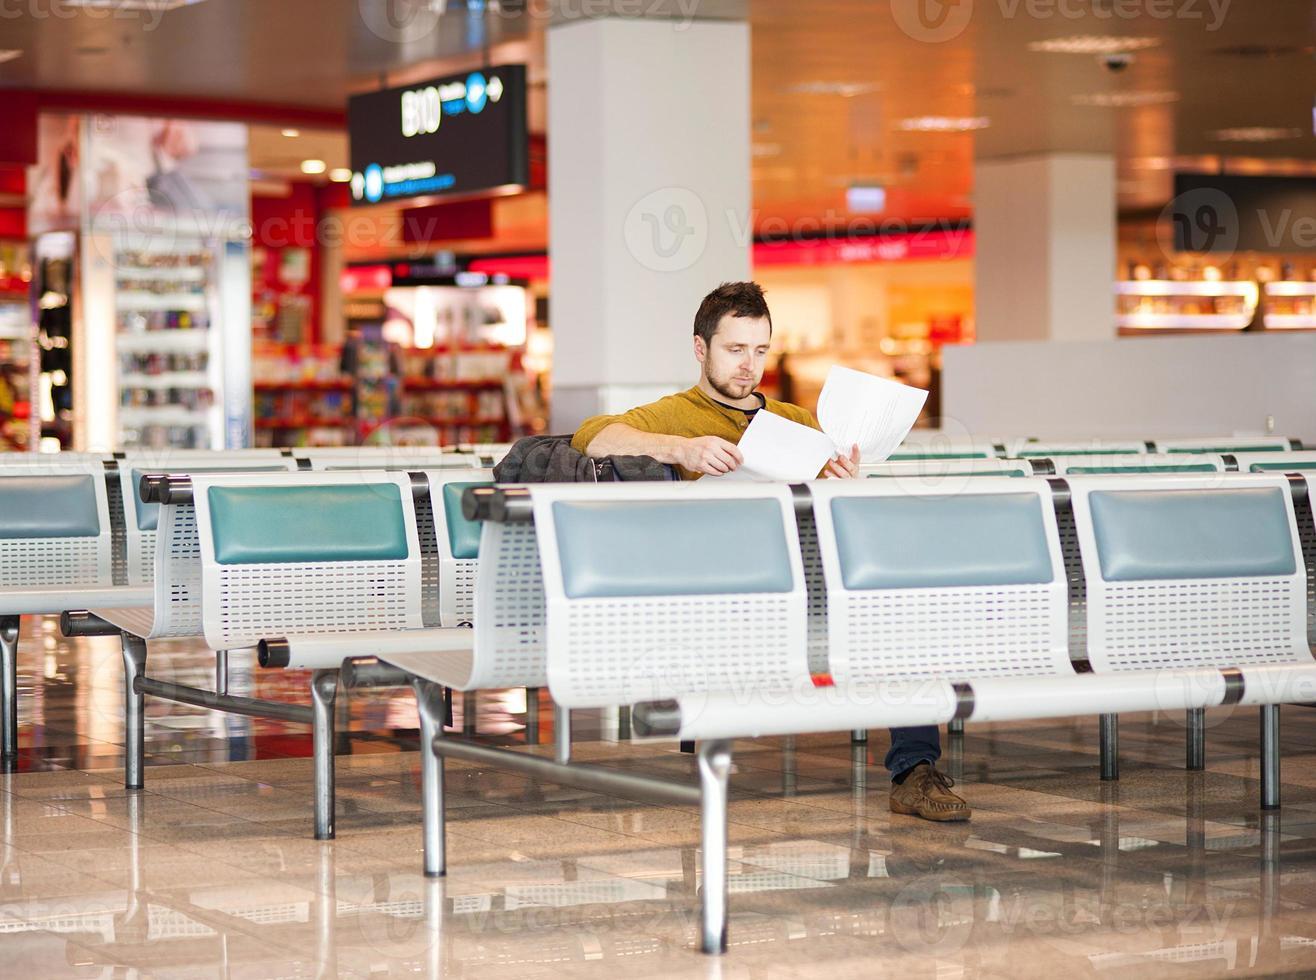 il giovane all'aeroporto sta andando in vacanza foto